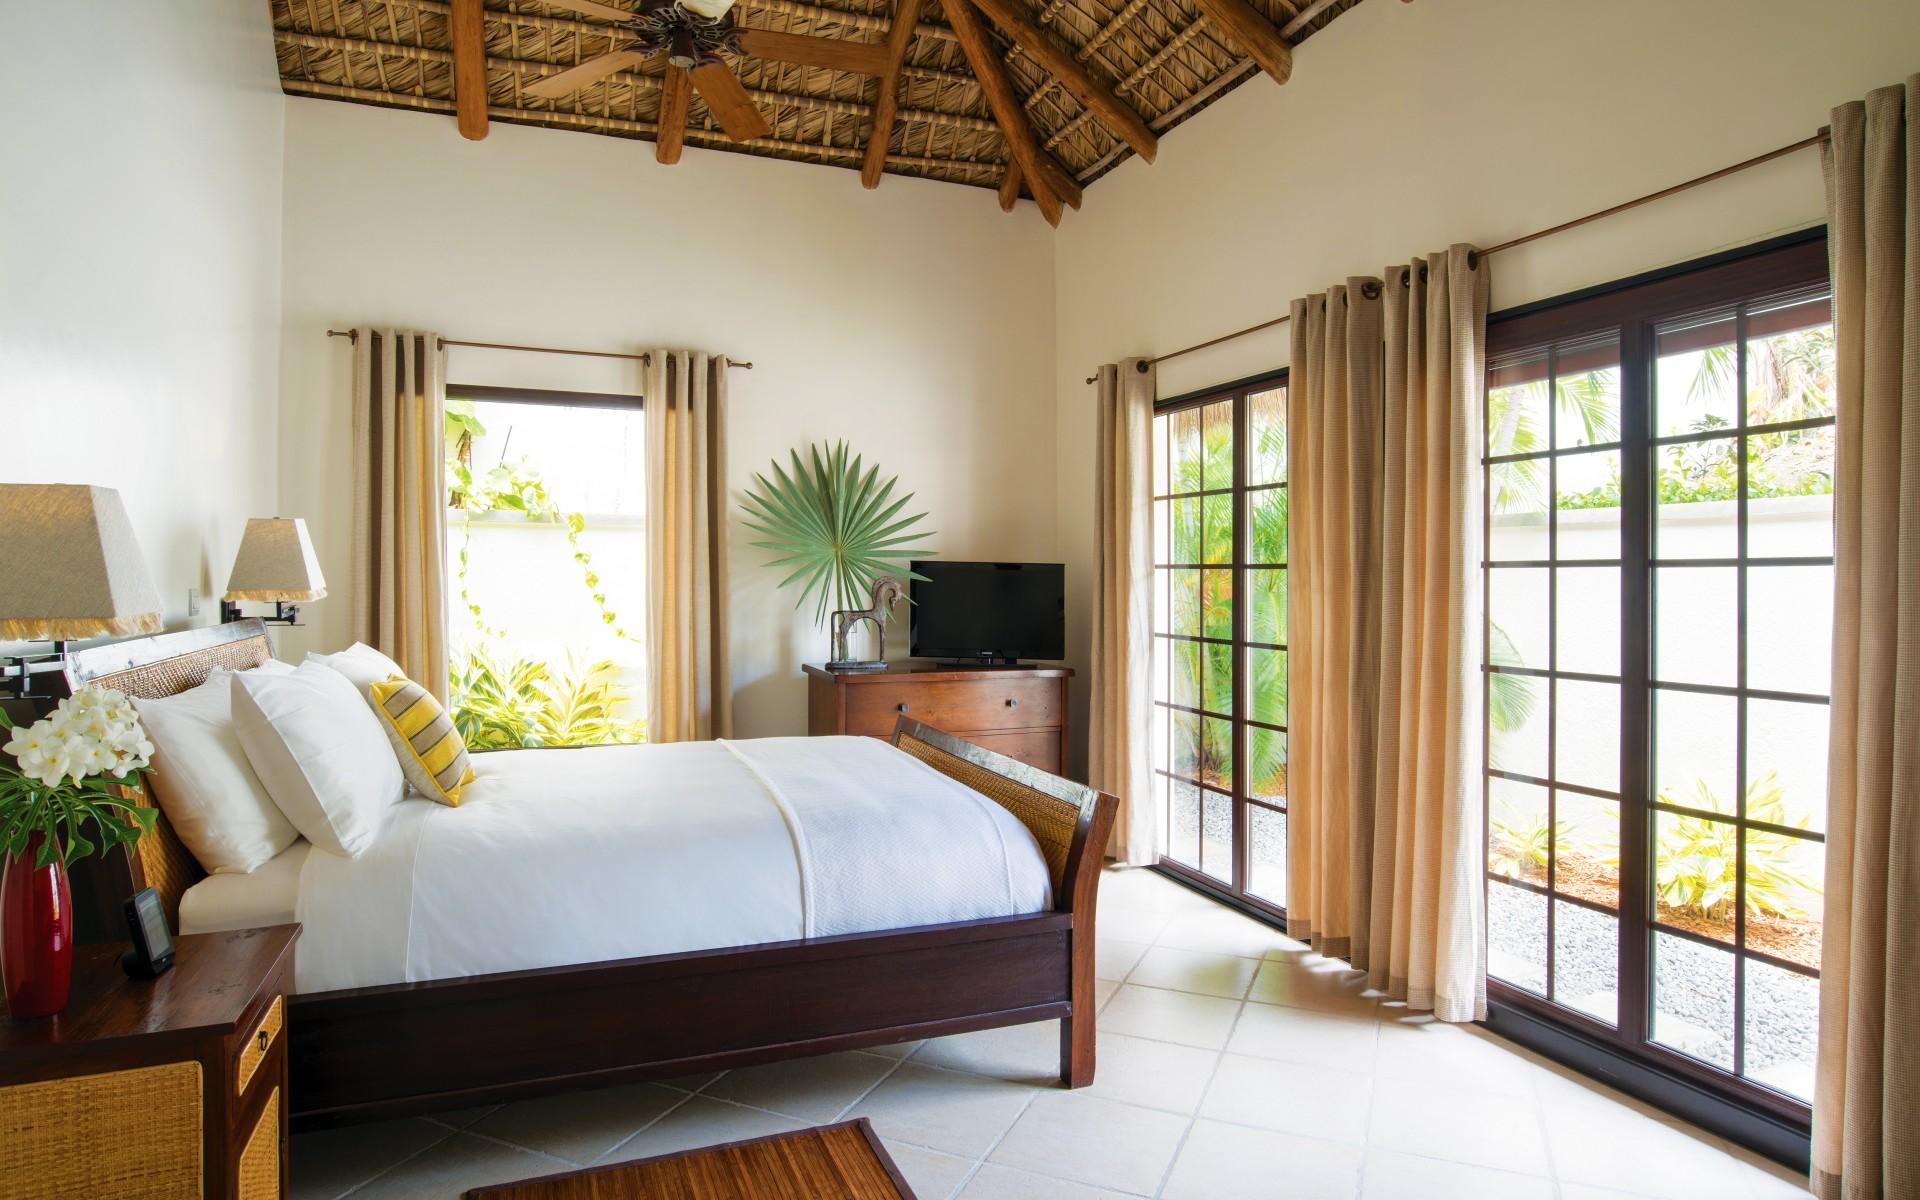 Caribbean villa bedroom